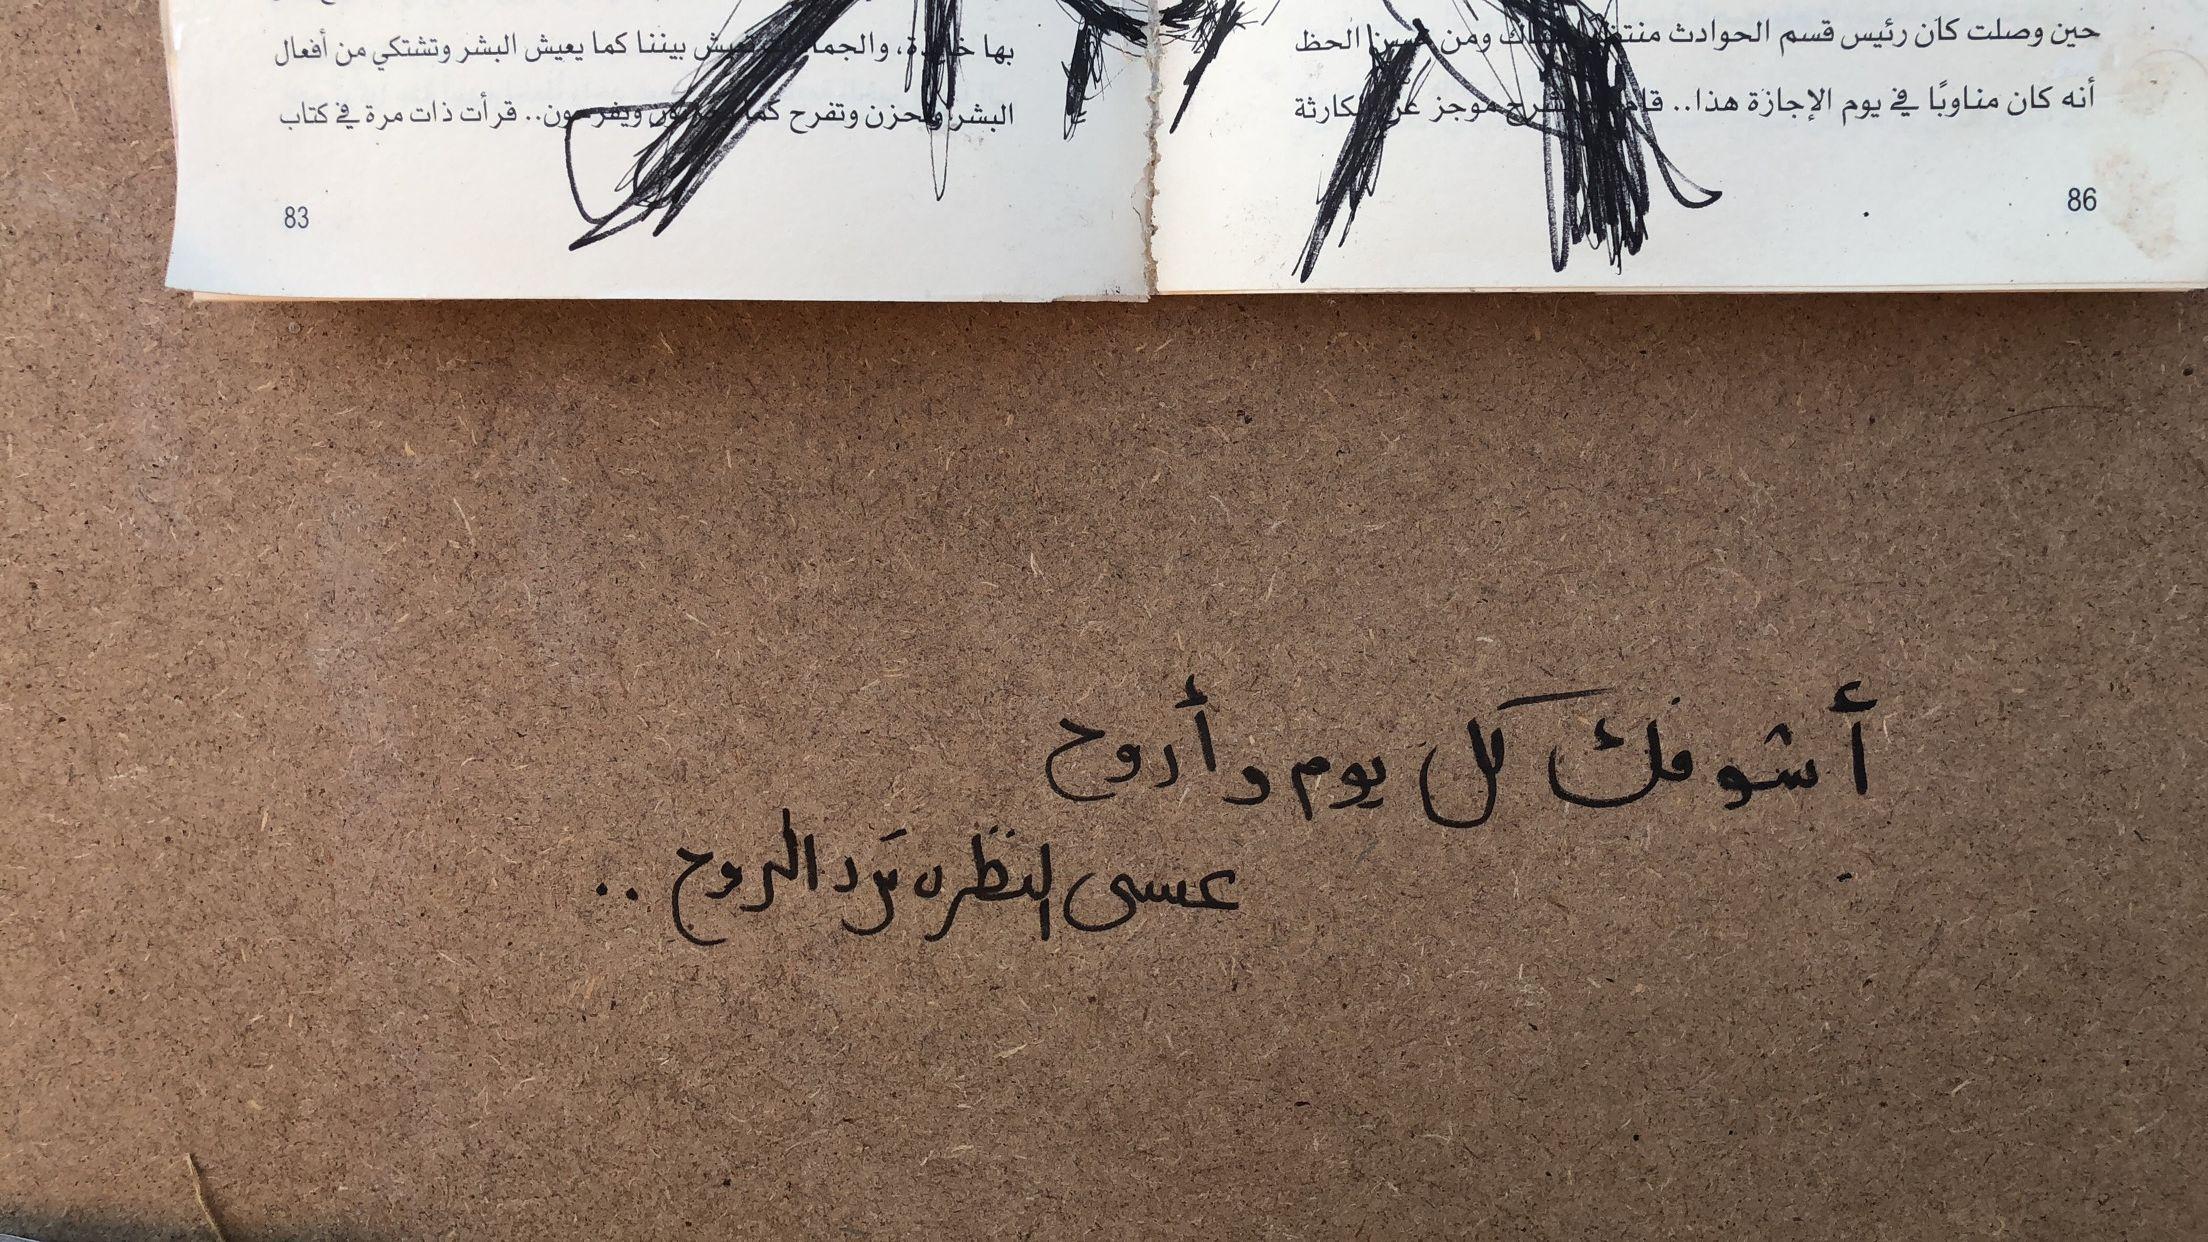 وما دام النظر مسموح أشوفك كل يوم واروح عسى النظره ترد الروح محمد عبده Arabic Tattoo Quotes Arabic Quotes Tattoo Quotes